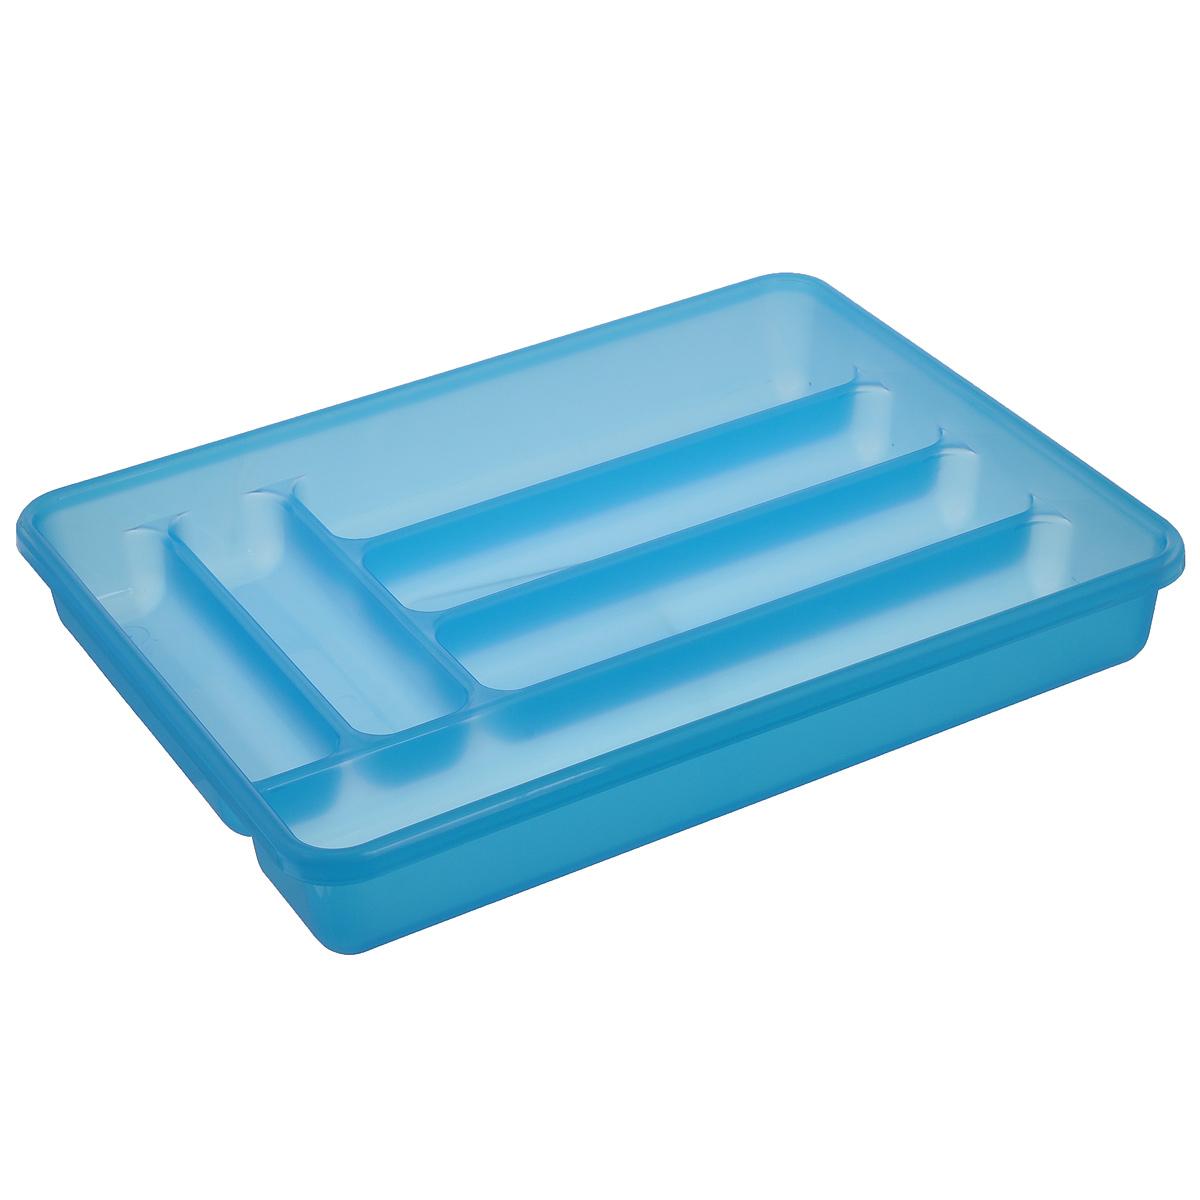 Лоток для столовых приборов Cosmoplast, 6 отделений, цвет: голубой2142_голубойЛоток для столовых приборов Cosmoplast изготовлен из высококачественного пищевого пластика. Он предназначен для выдвигающихся ящиков на кухне. Лоток имеет шесть отделений: три отделения для вилок, ложек, ножей, два малых отделения для чайных ложек и десертных вилок, одно большое отделение для остальных приборов. Размер большого отделения: 38,5 см х 8 см. Размер средних отделений: 27 см х 6,5 см. Размер маленьких отделений: 20 см х 5 см.